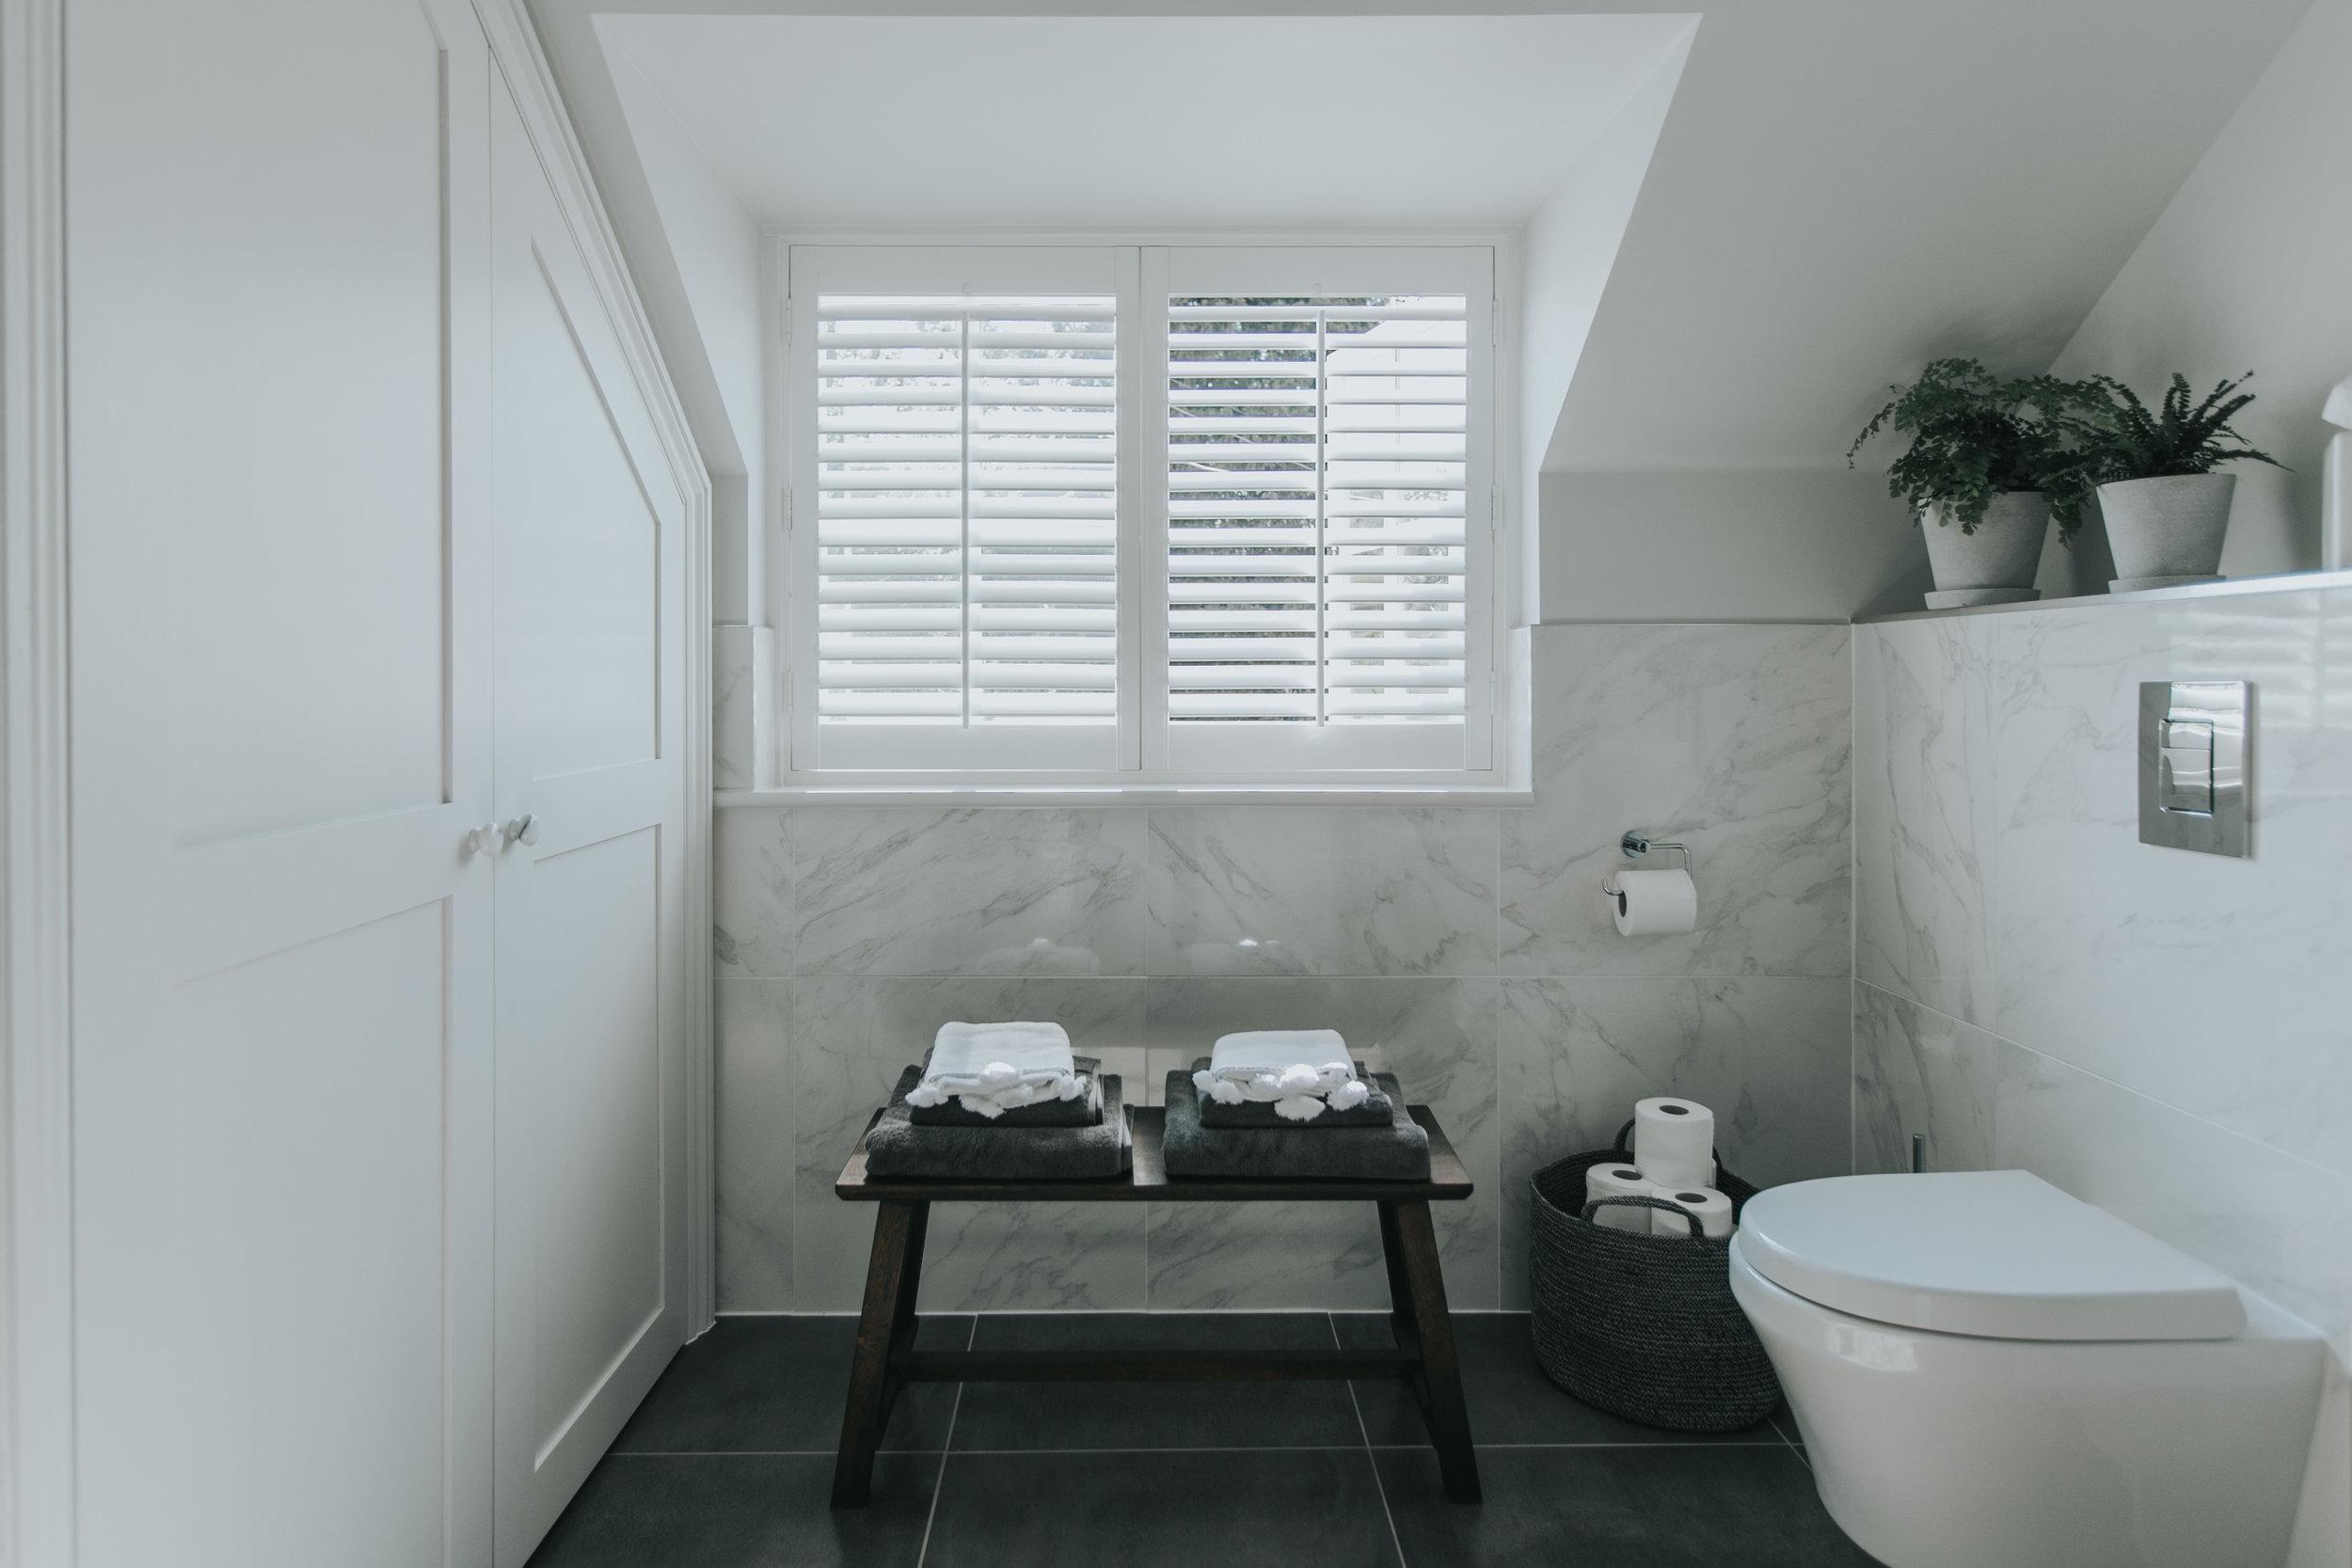 Contemporary Bathroom hlinteriors.co.uk6B2A0593.jpg